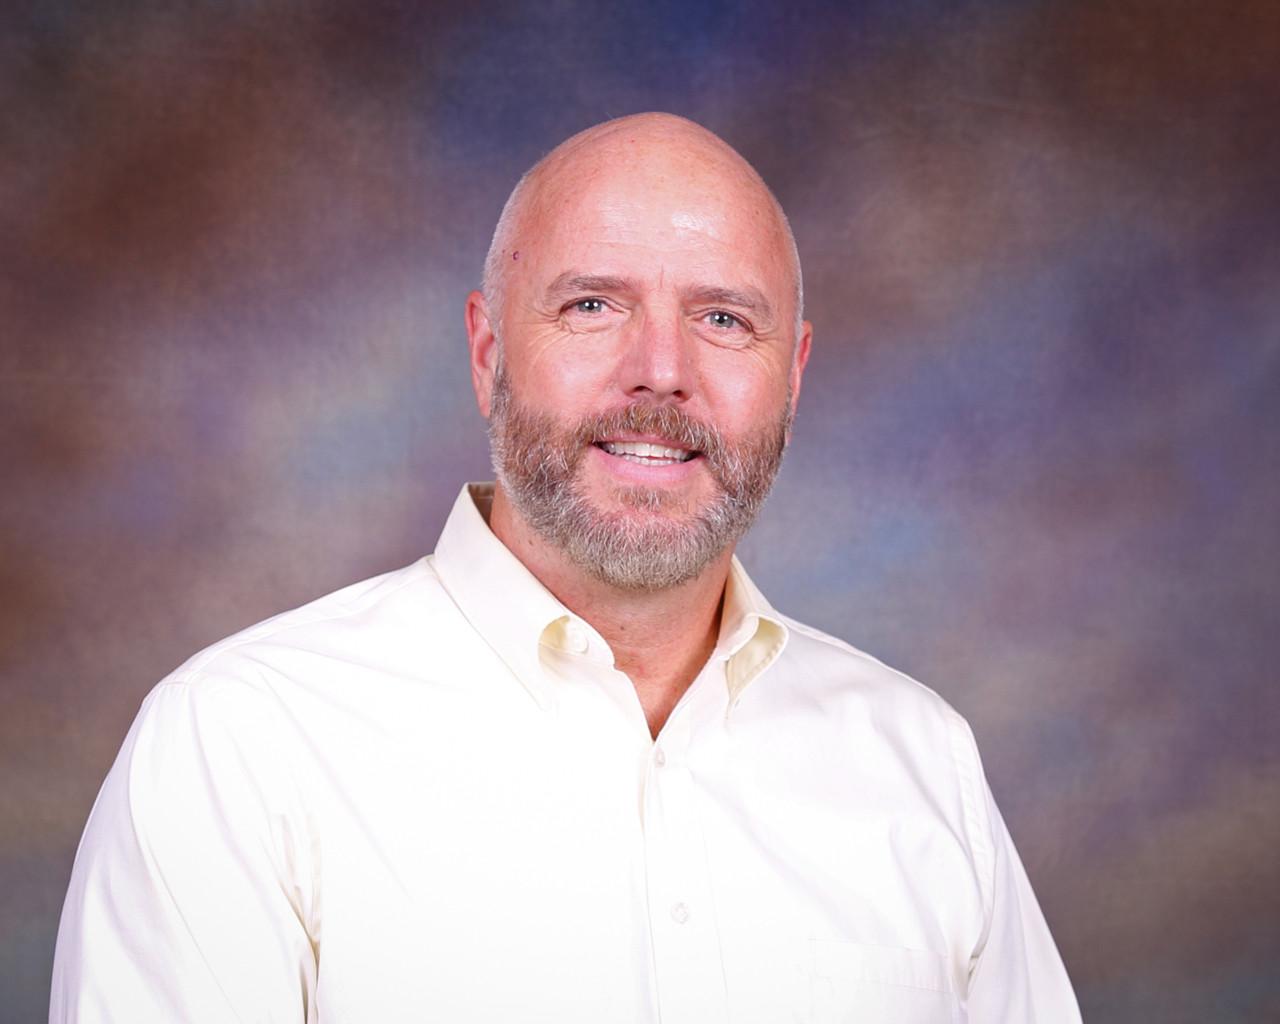 Pastor Tim Koester